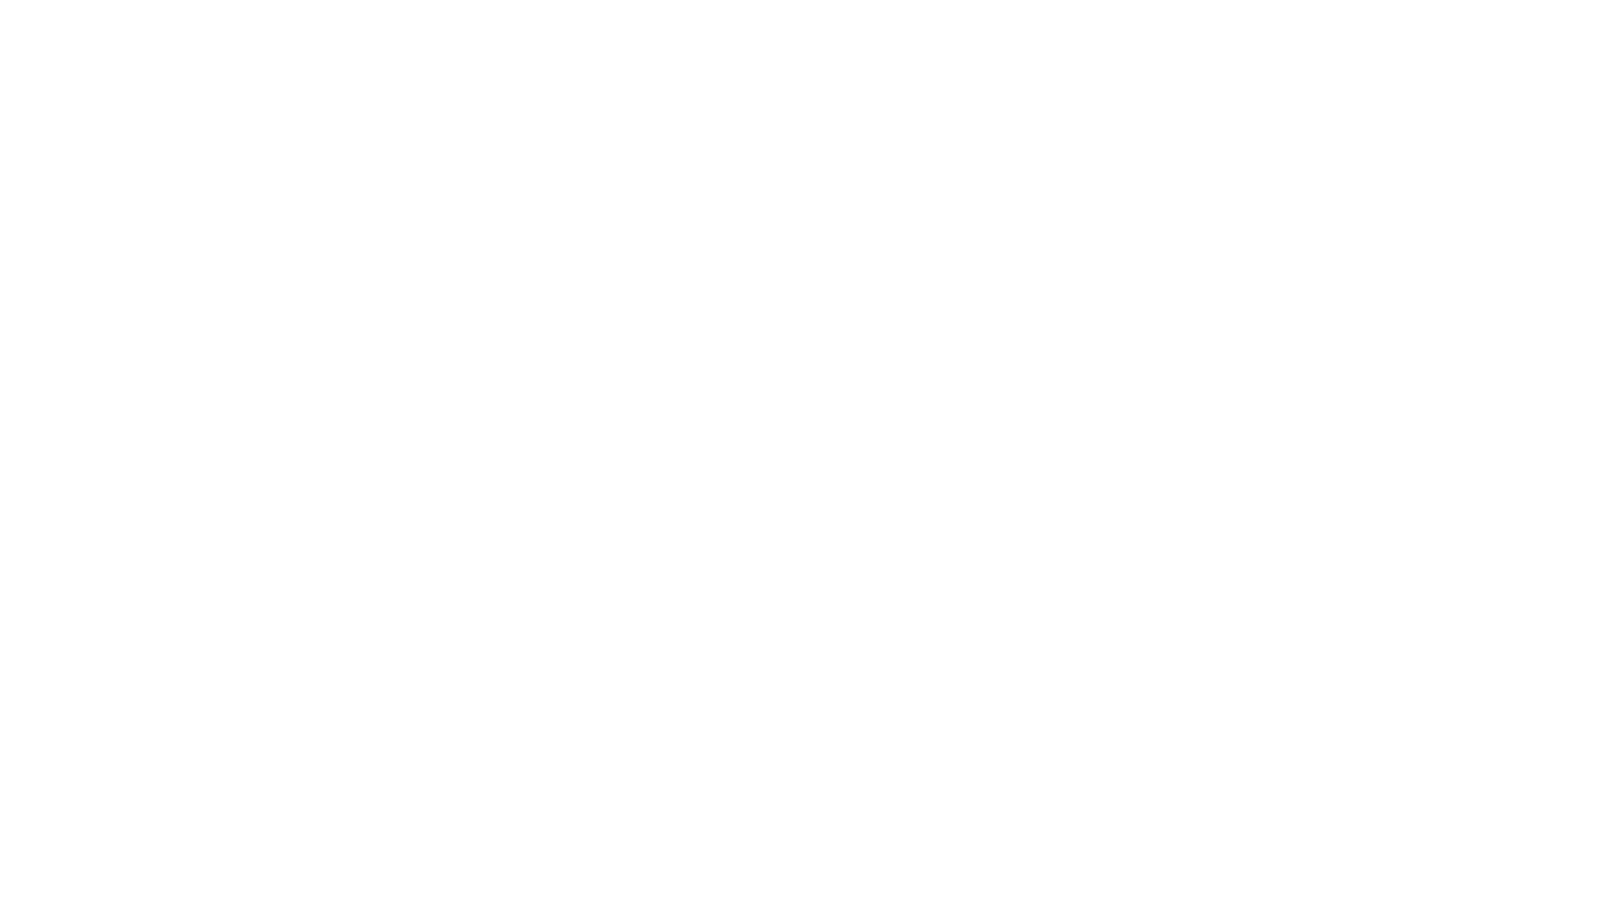 Após 3 meses em Lockdown, hoje 12 de abril de 2021, as lojas, salões de beleza, cafés e pubs reabriram na Inglaterra, com regras é claro.  Nas lojas, há o controle do limite de pessoas circulando e nos cafés e pubs, clientes podem somente sentar na área externa, com distanciamento social.  Veja como foi este dia aqui em Stamford, interior da Inglaterra, #acordeiqueroviajar #Inglaterra